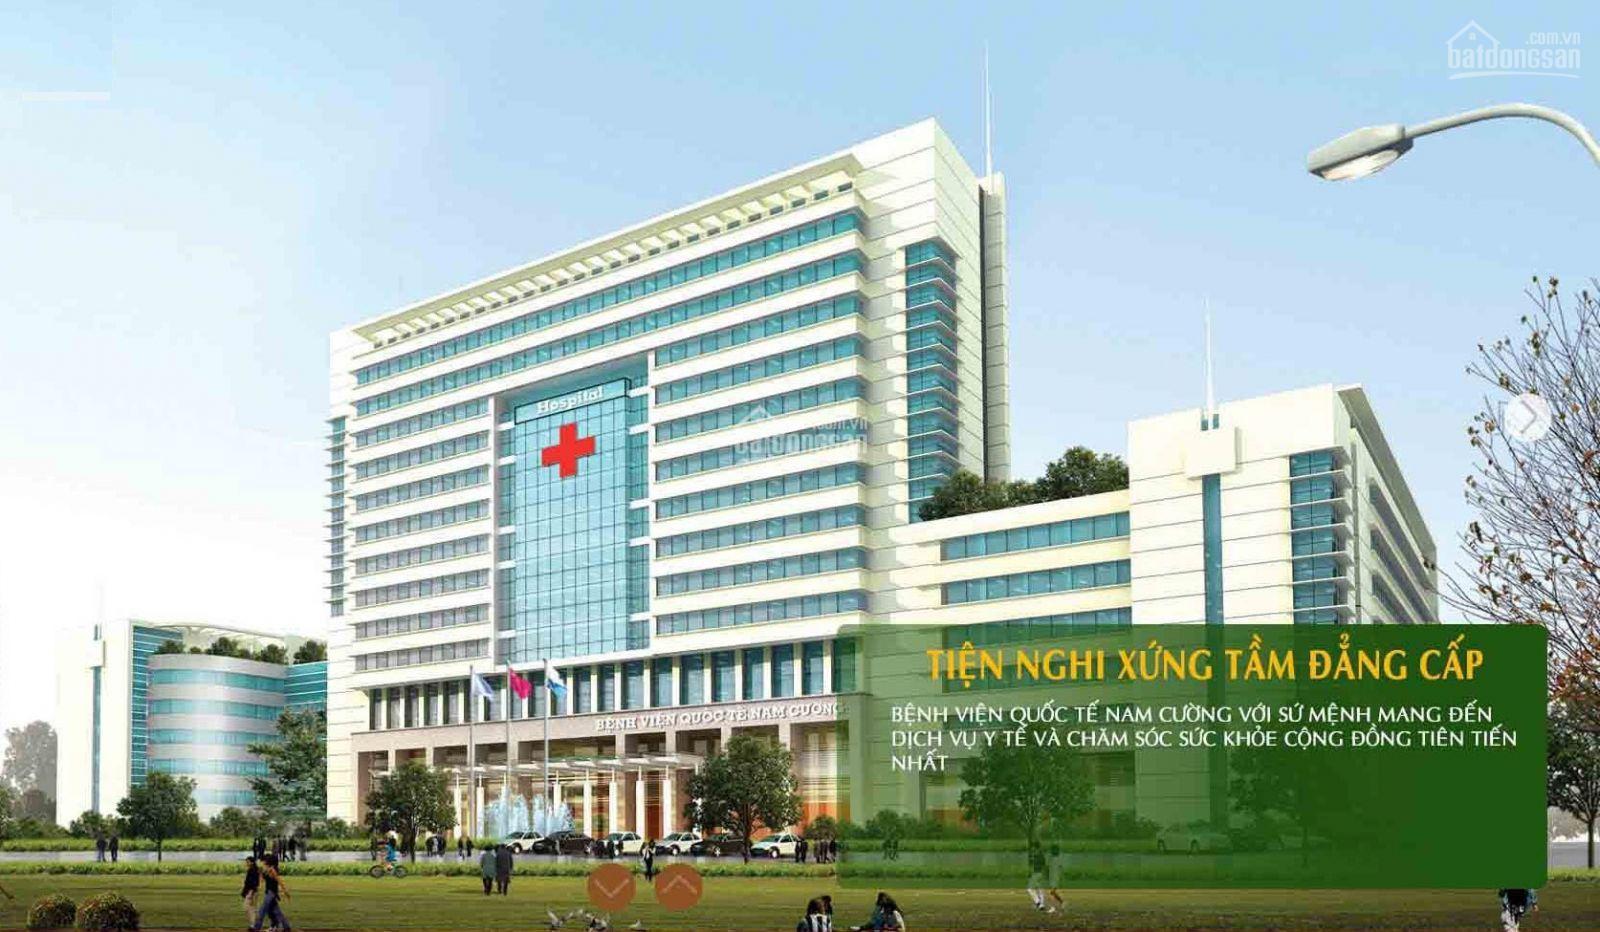 Bệnh viện quốc tế Nam Cường